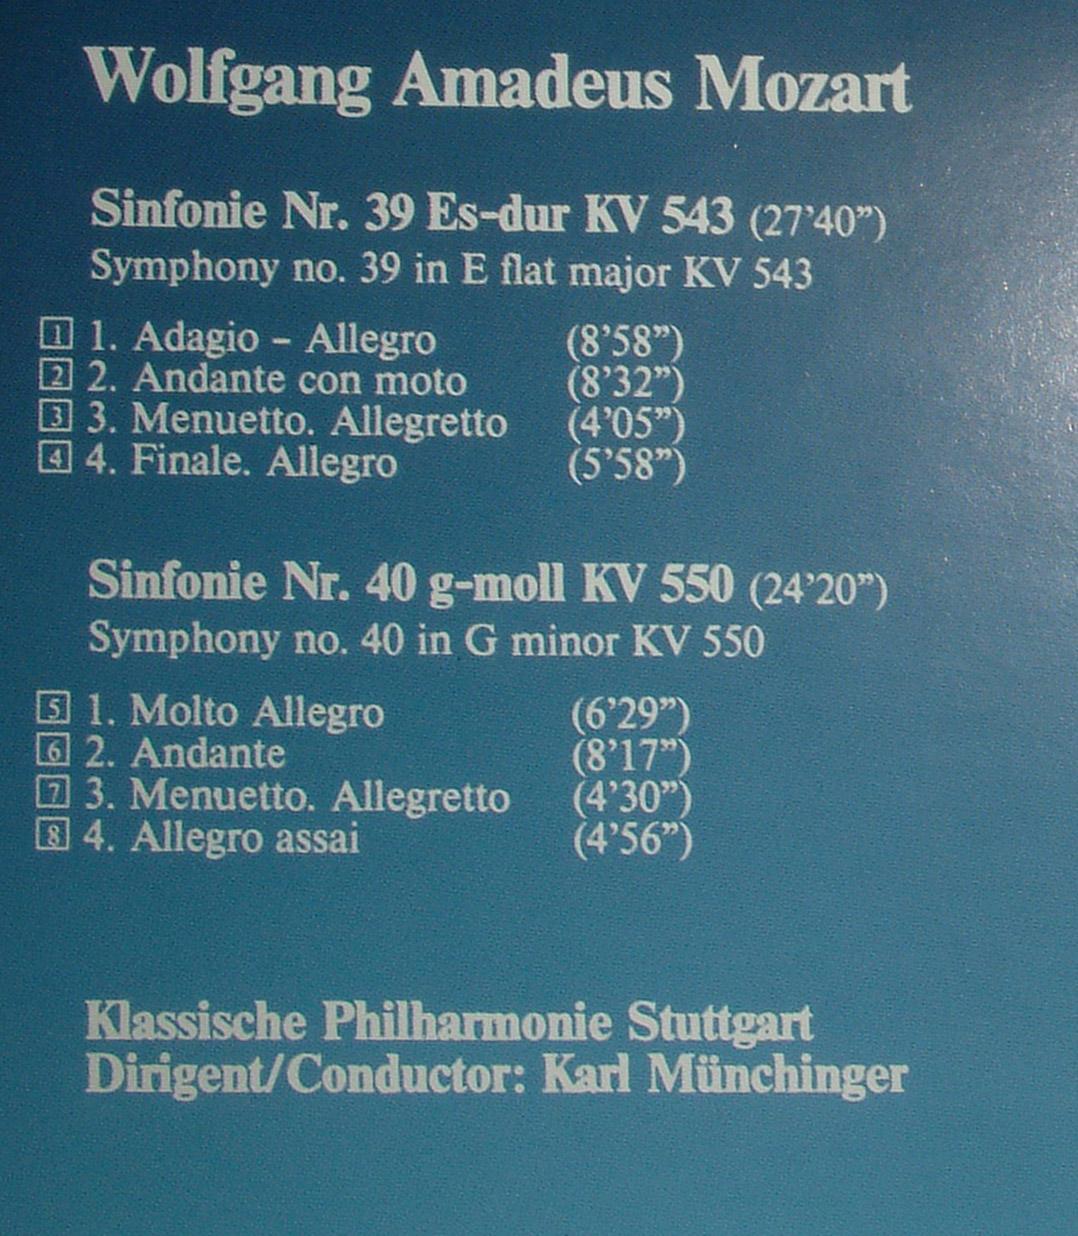 Mozart - Symphonies 39, 40 - Münchinger (1987) [APE]